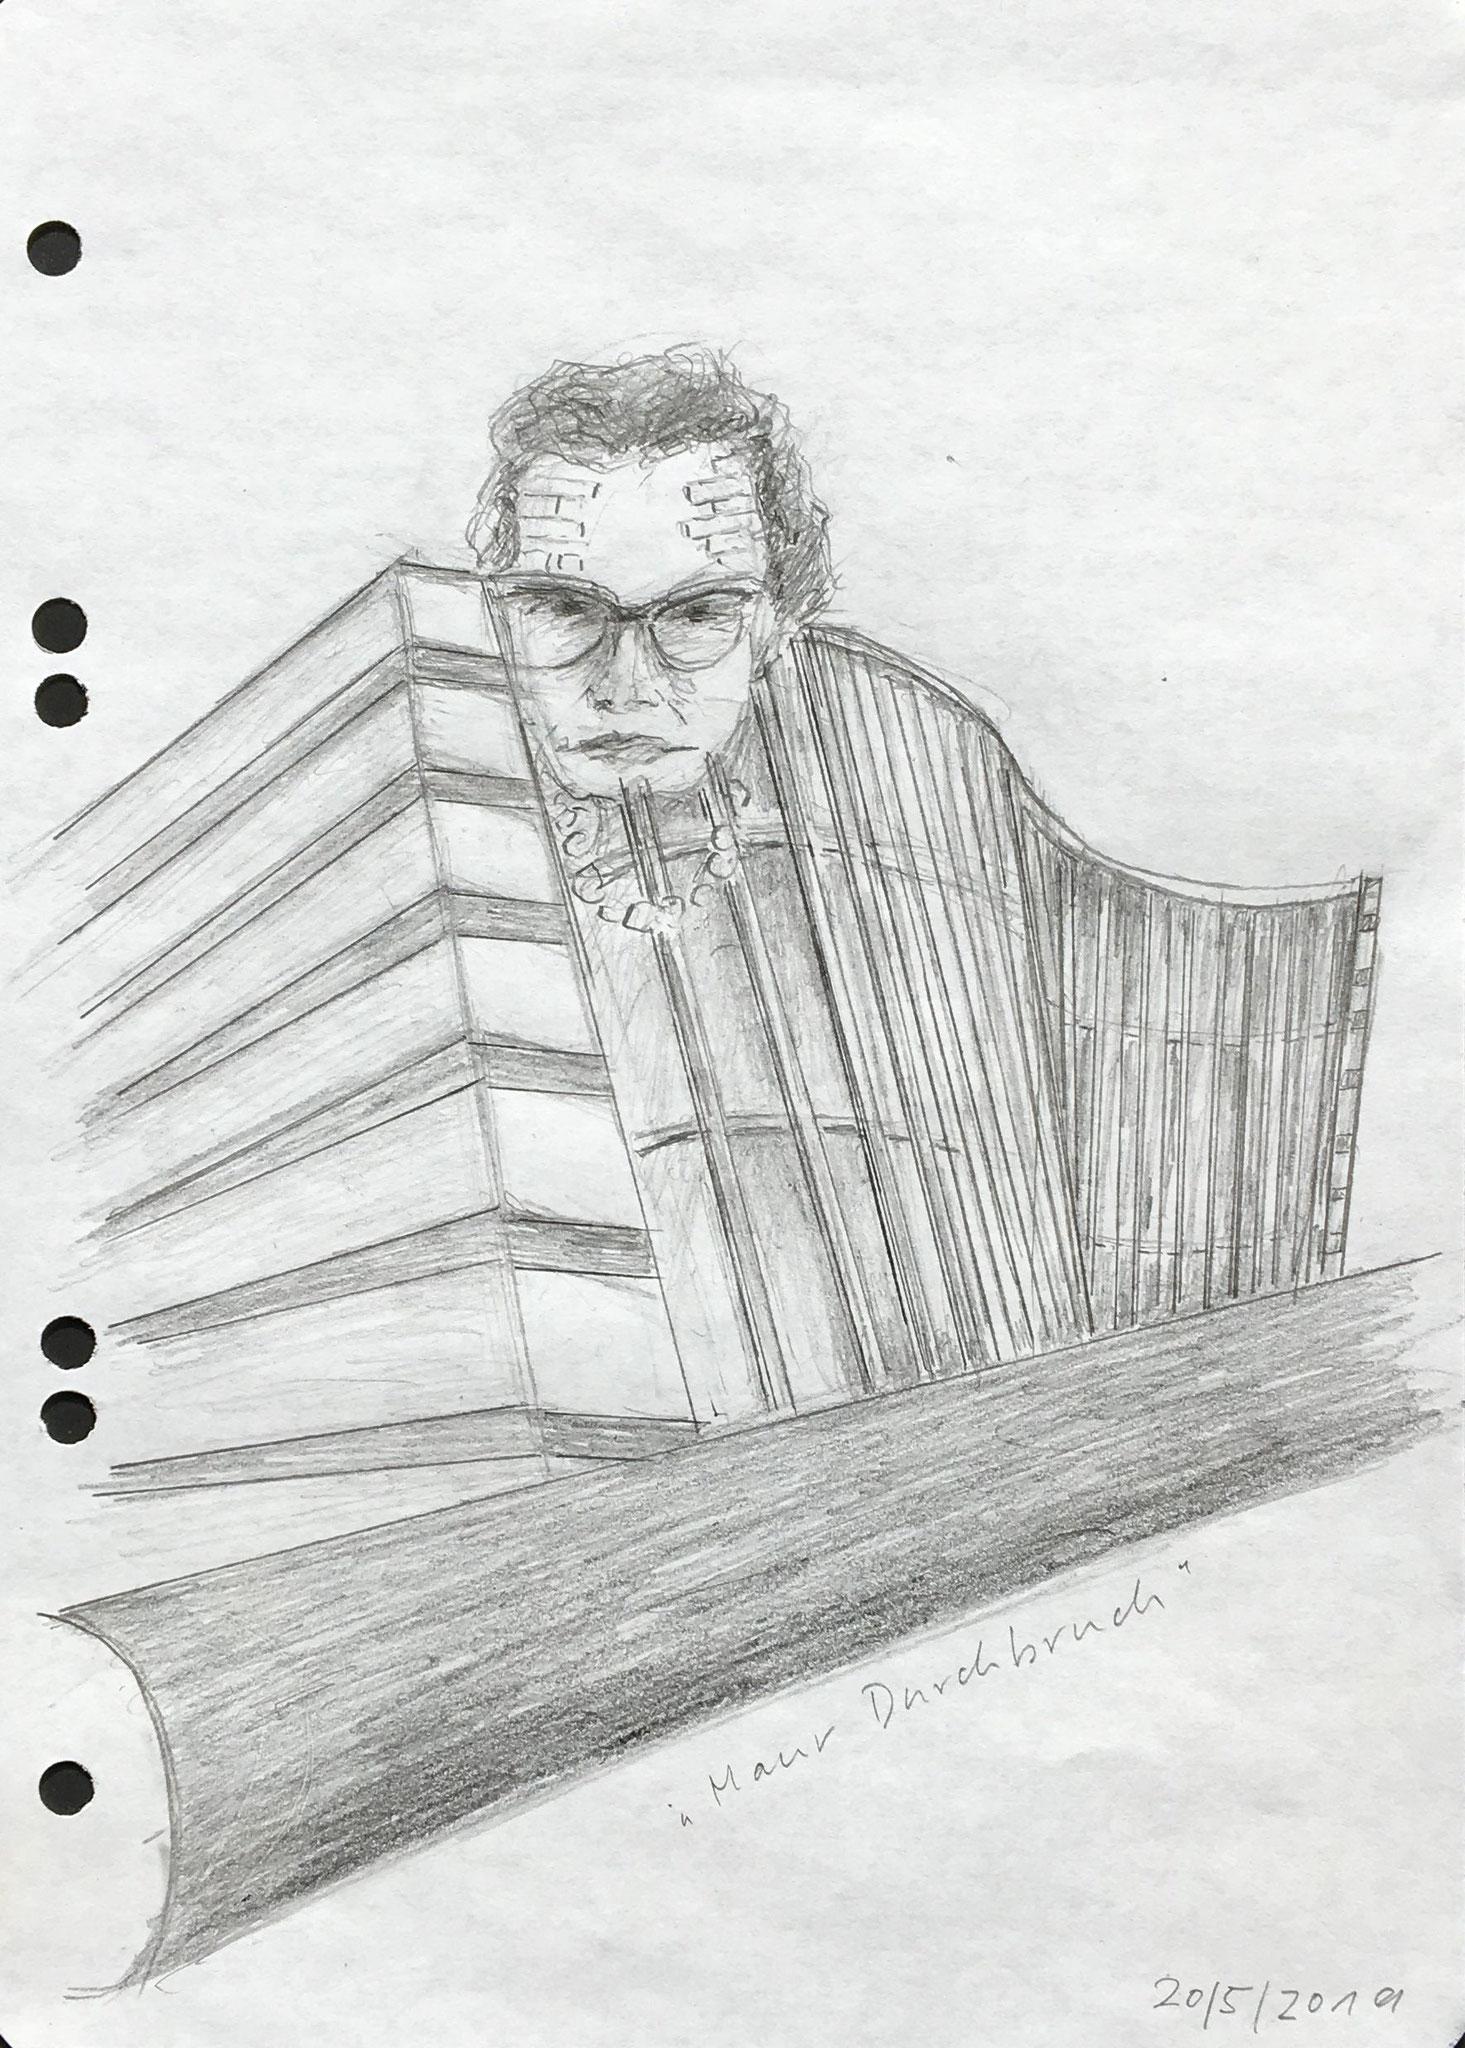 Maur-Durchbruch 1 (Karin von Maur), 2019, Zeichnung, 21 x 15 cm (#1022)